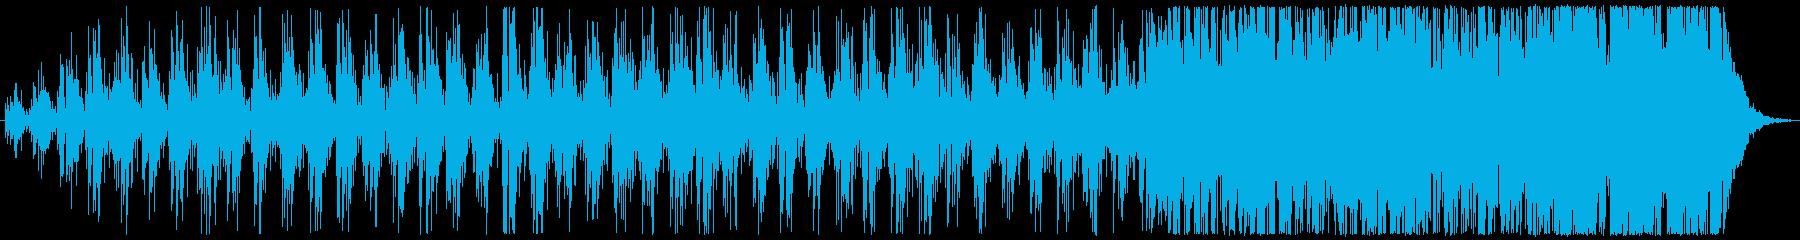 アンビエント 実験的な 広い 壮大...の再生済みの波形